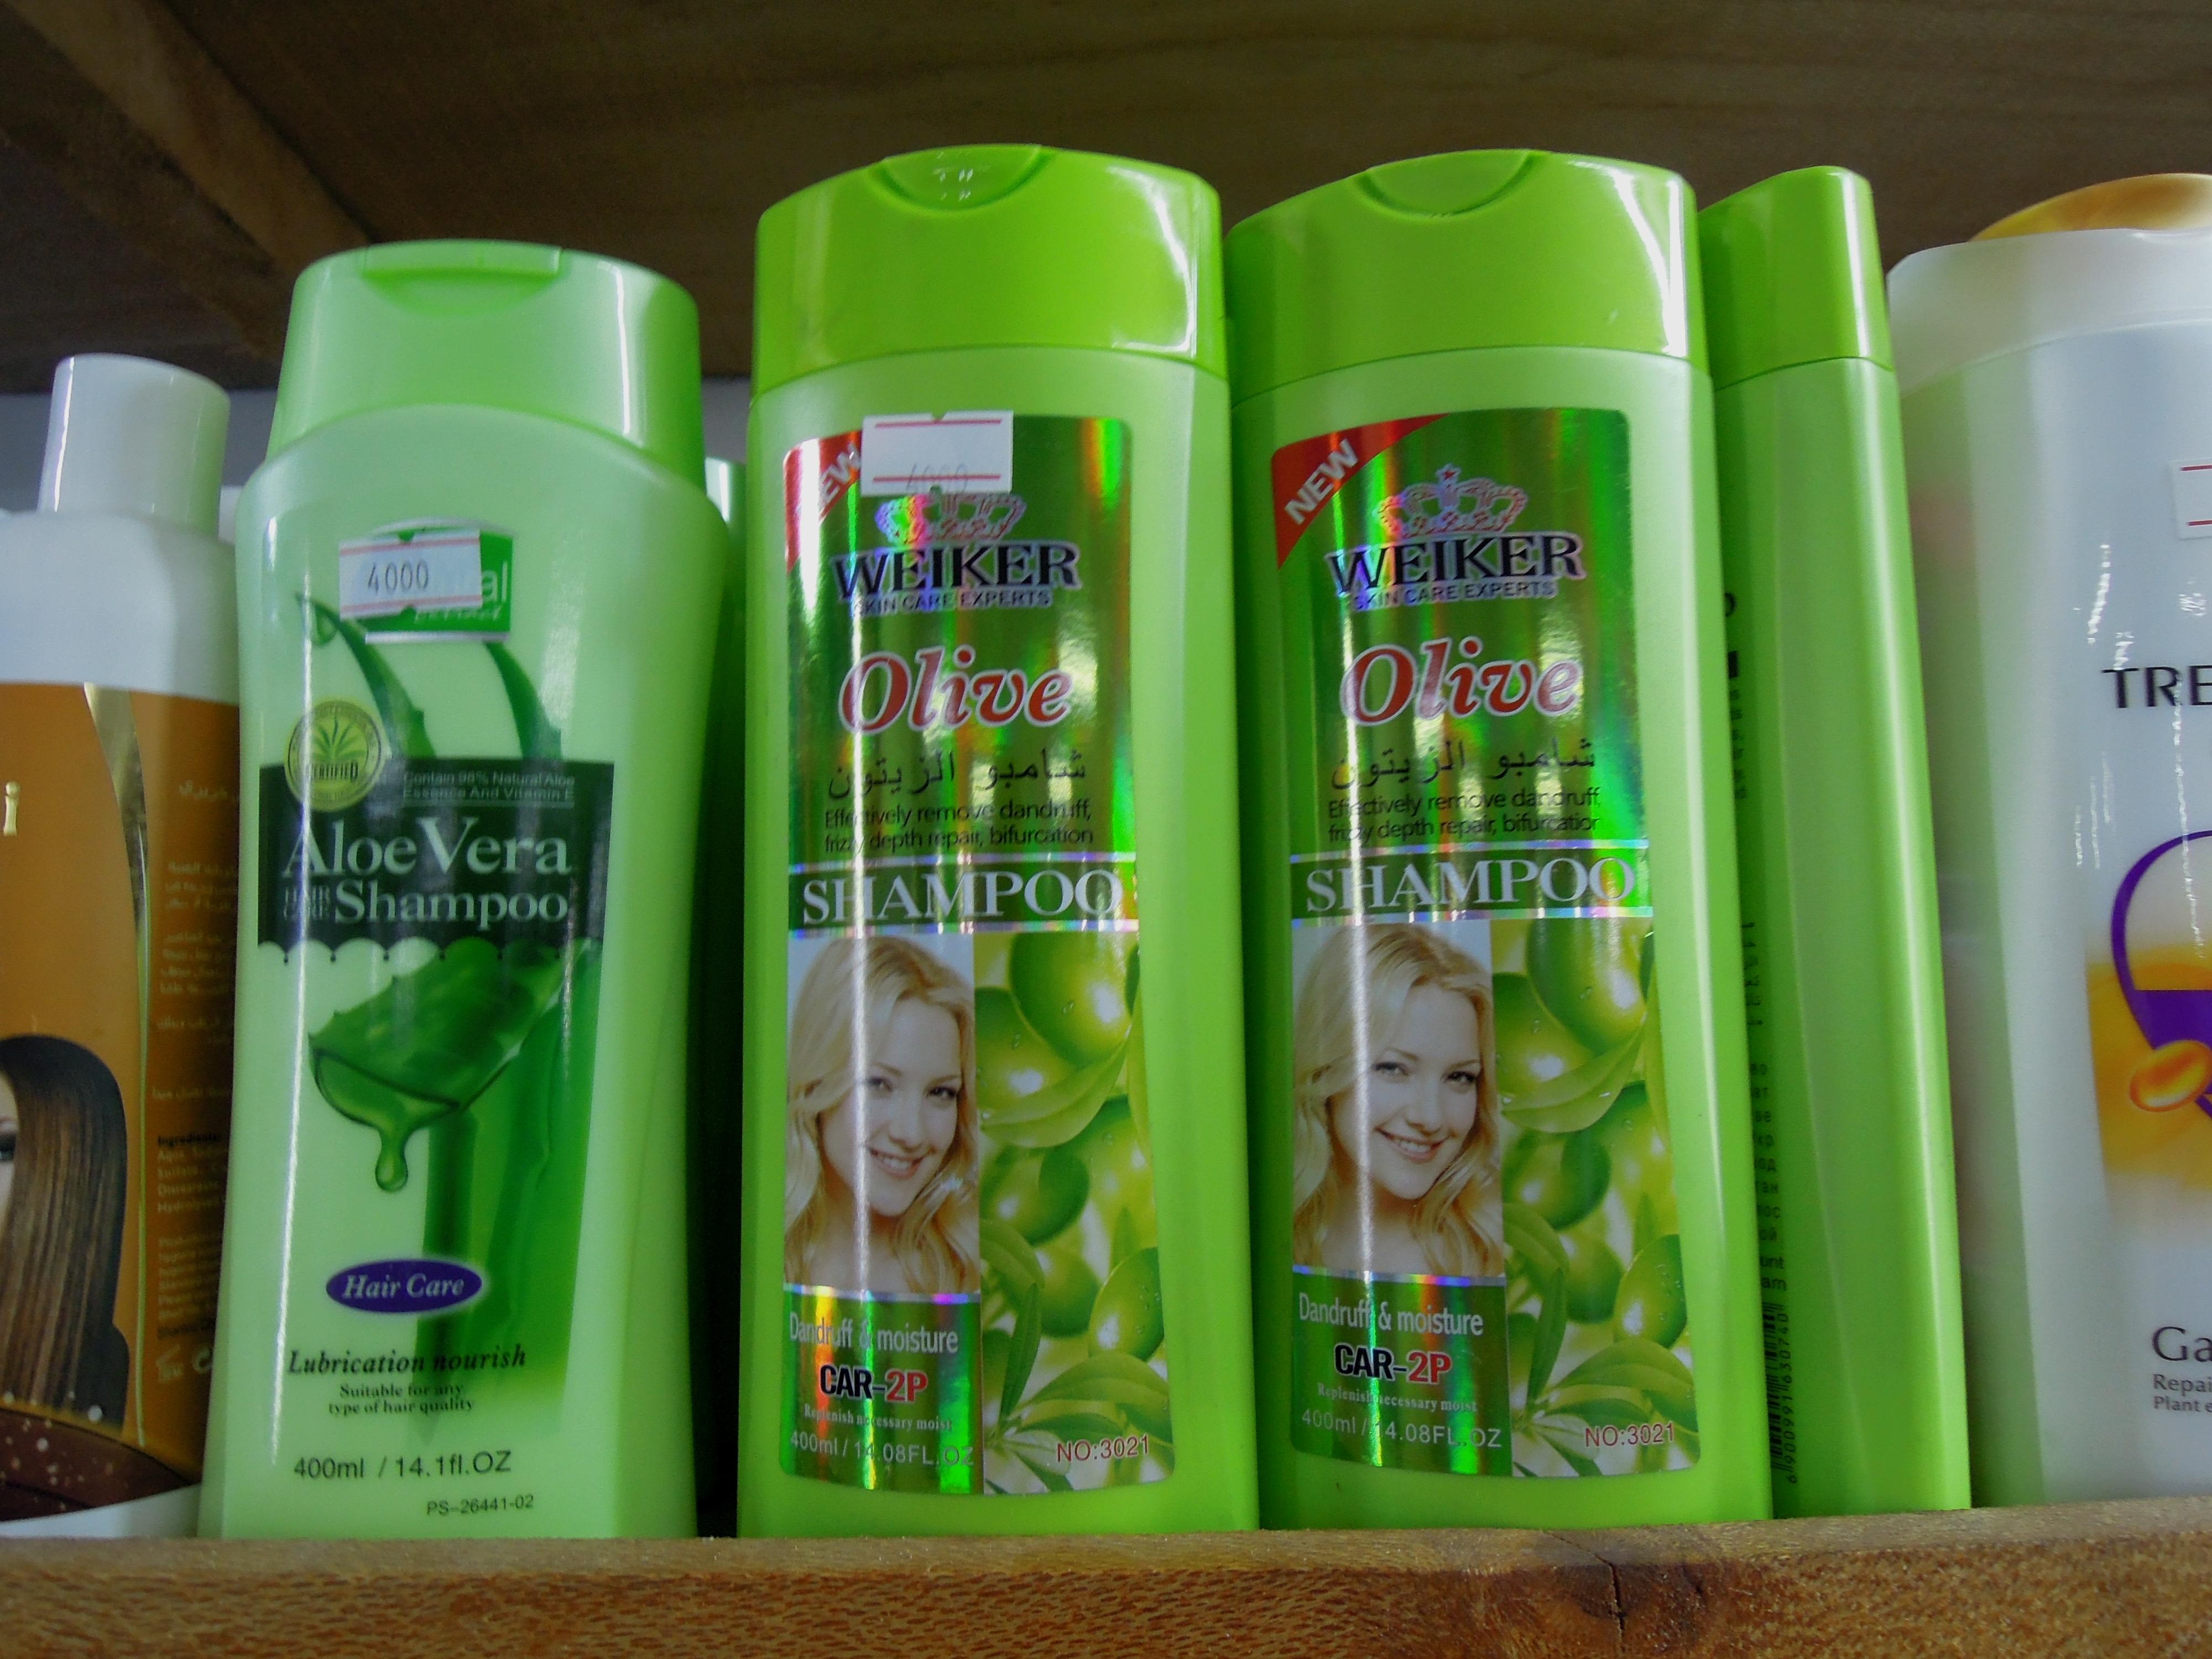 Kate Hudson reklamuje tanzański szampon do włosów, o czym na pewno nie ma pojęcia, fot. A. Mielczarek